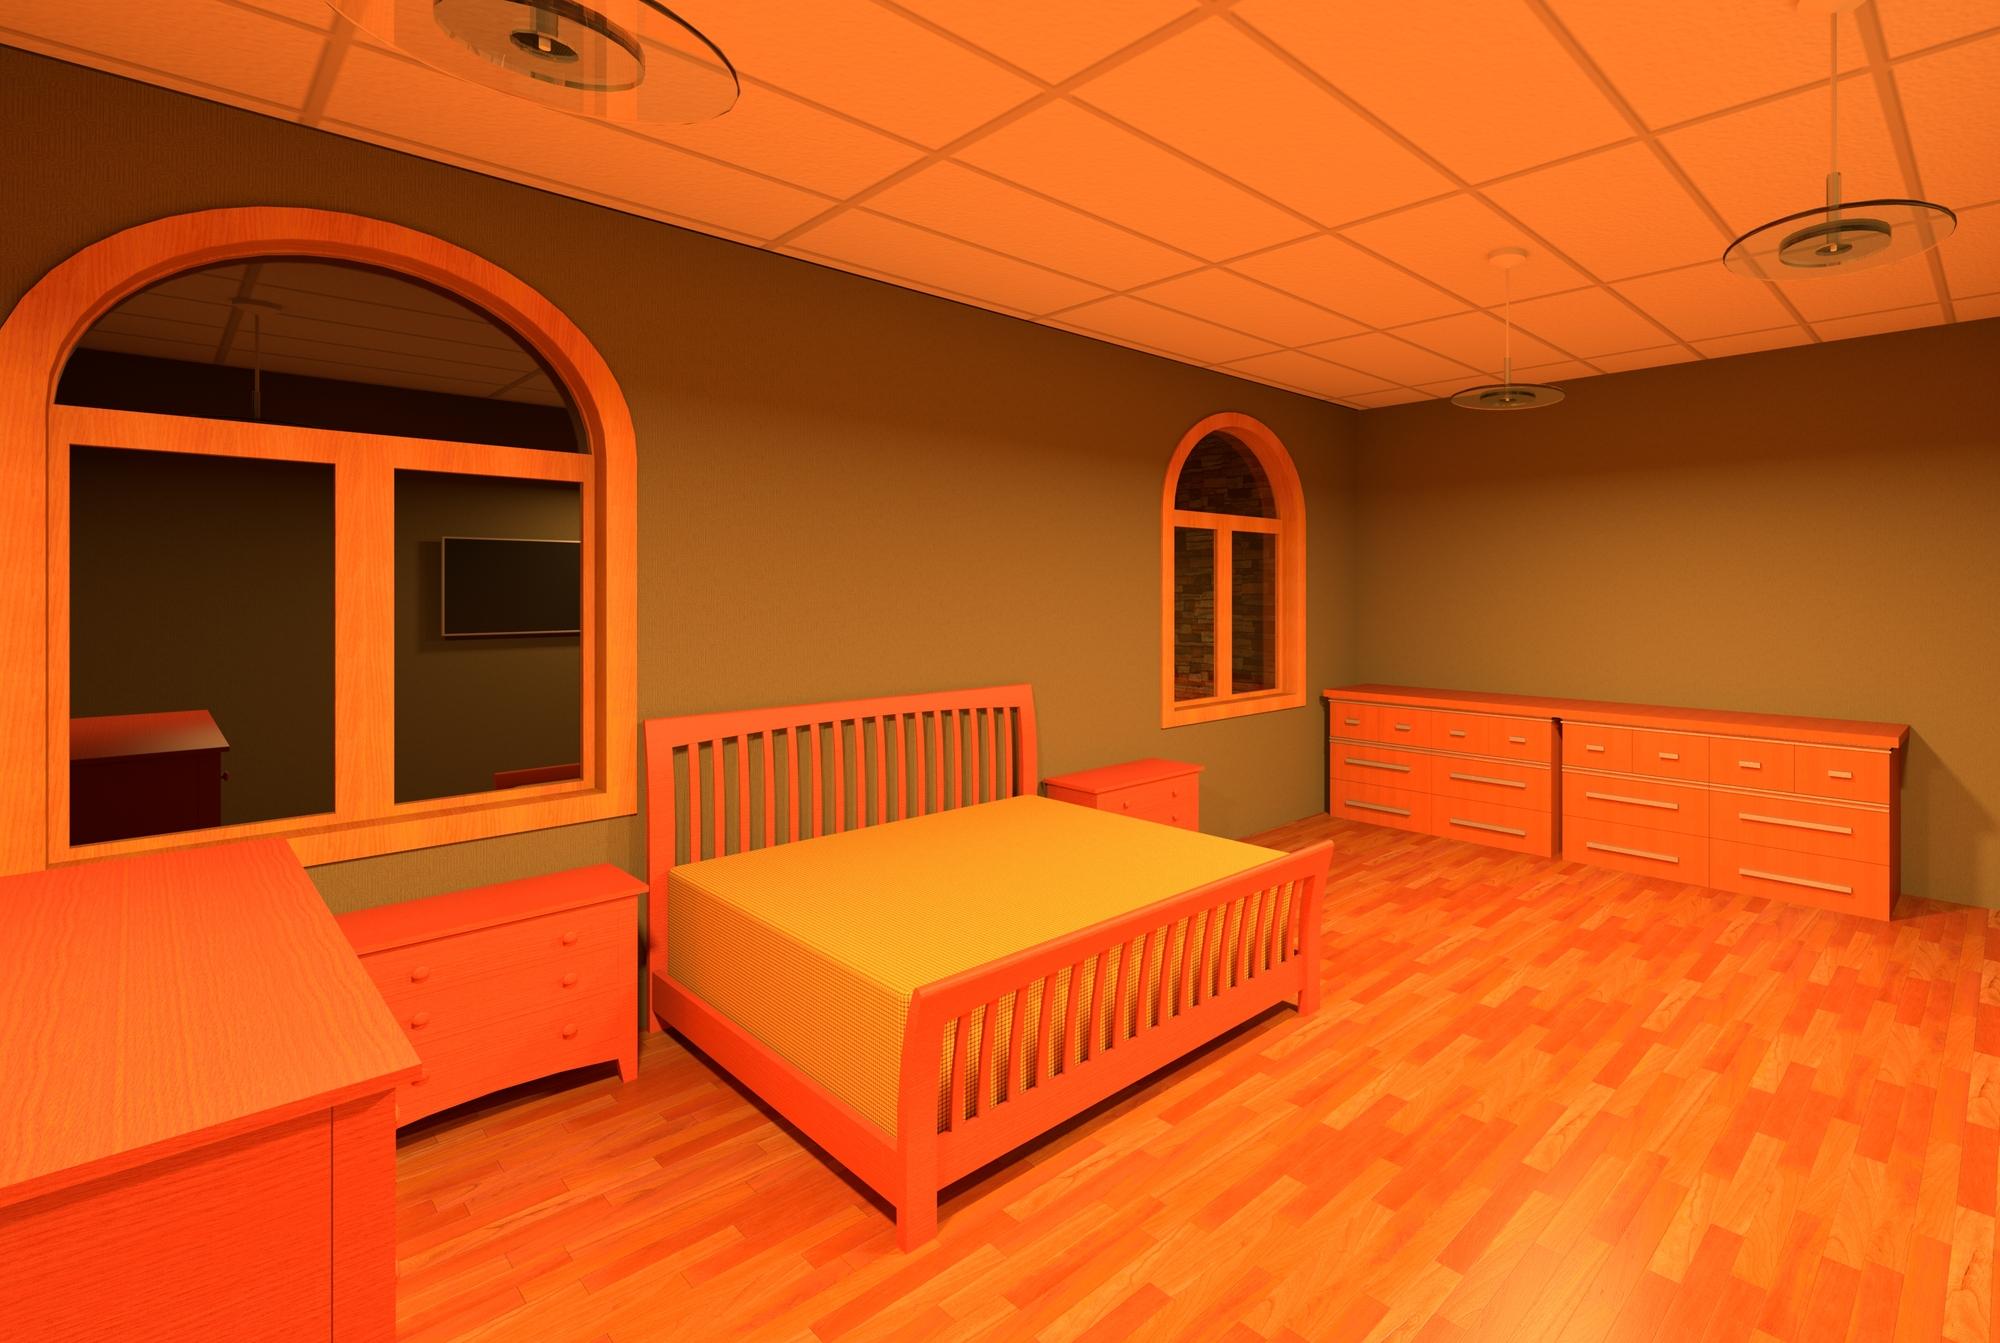 Raas-rendering20140930-6305-1k6teui